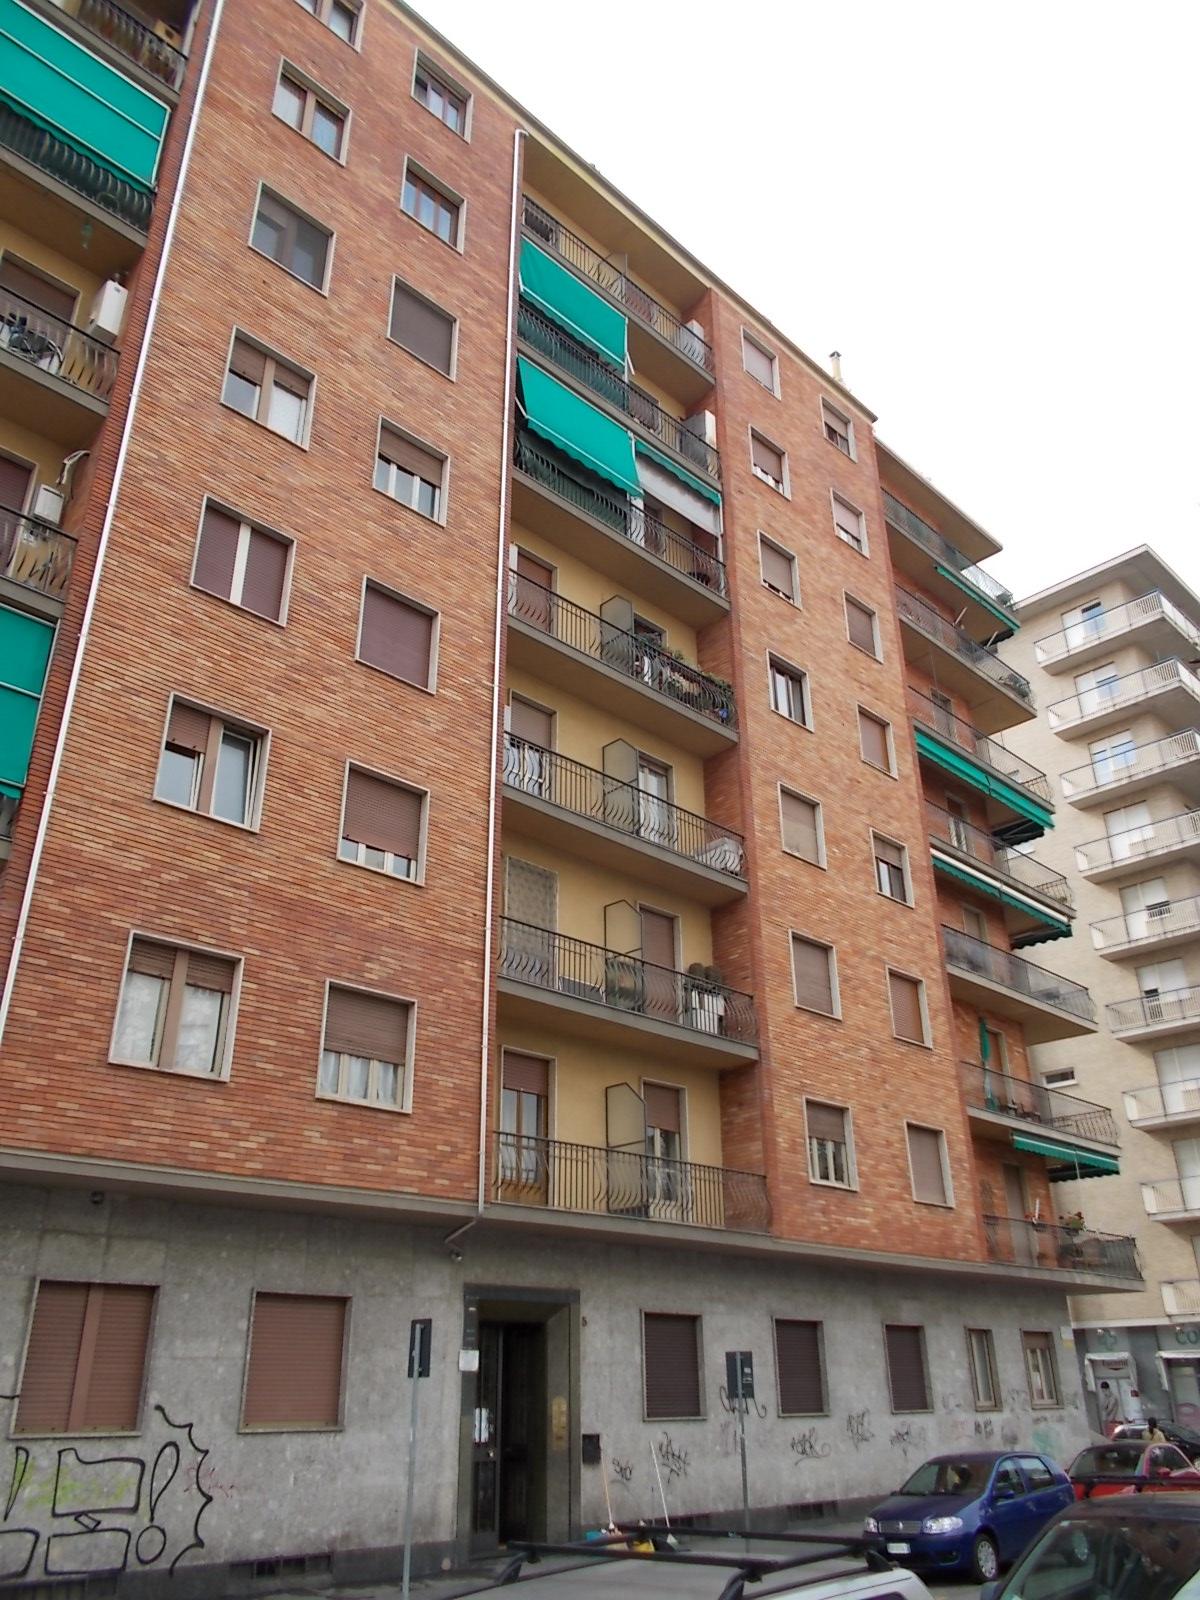 Affitto appartamento arredato lingotto bertolino for Appartamento affitto aprilia arredato